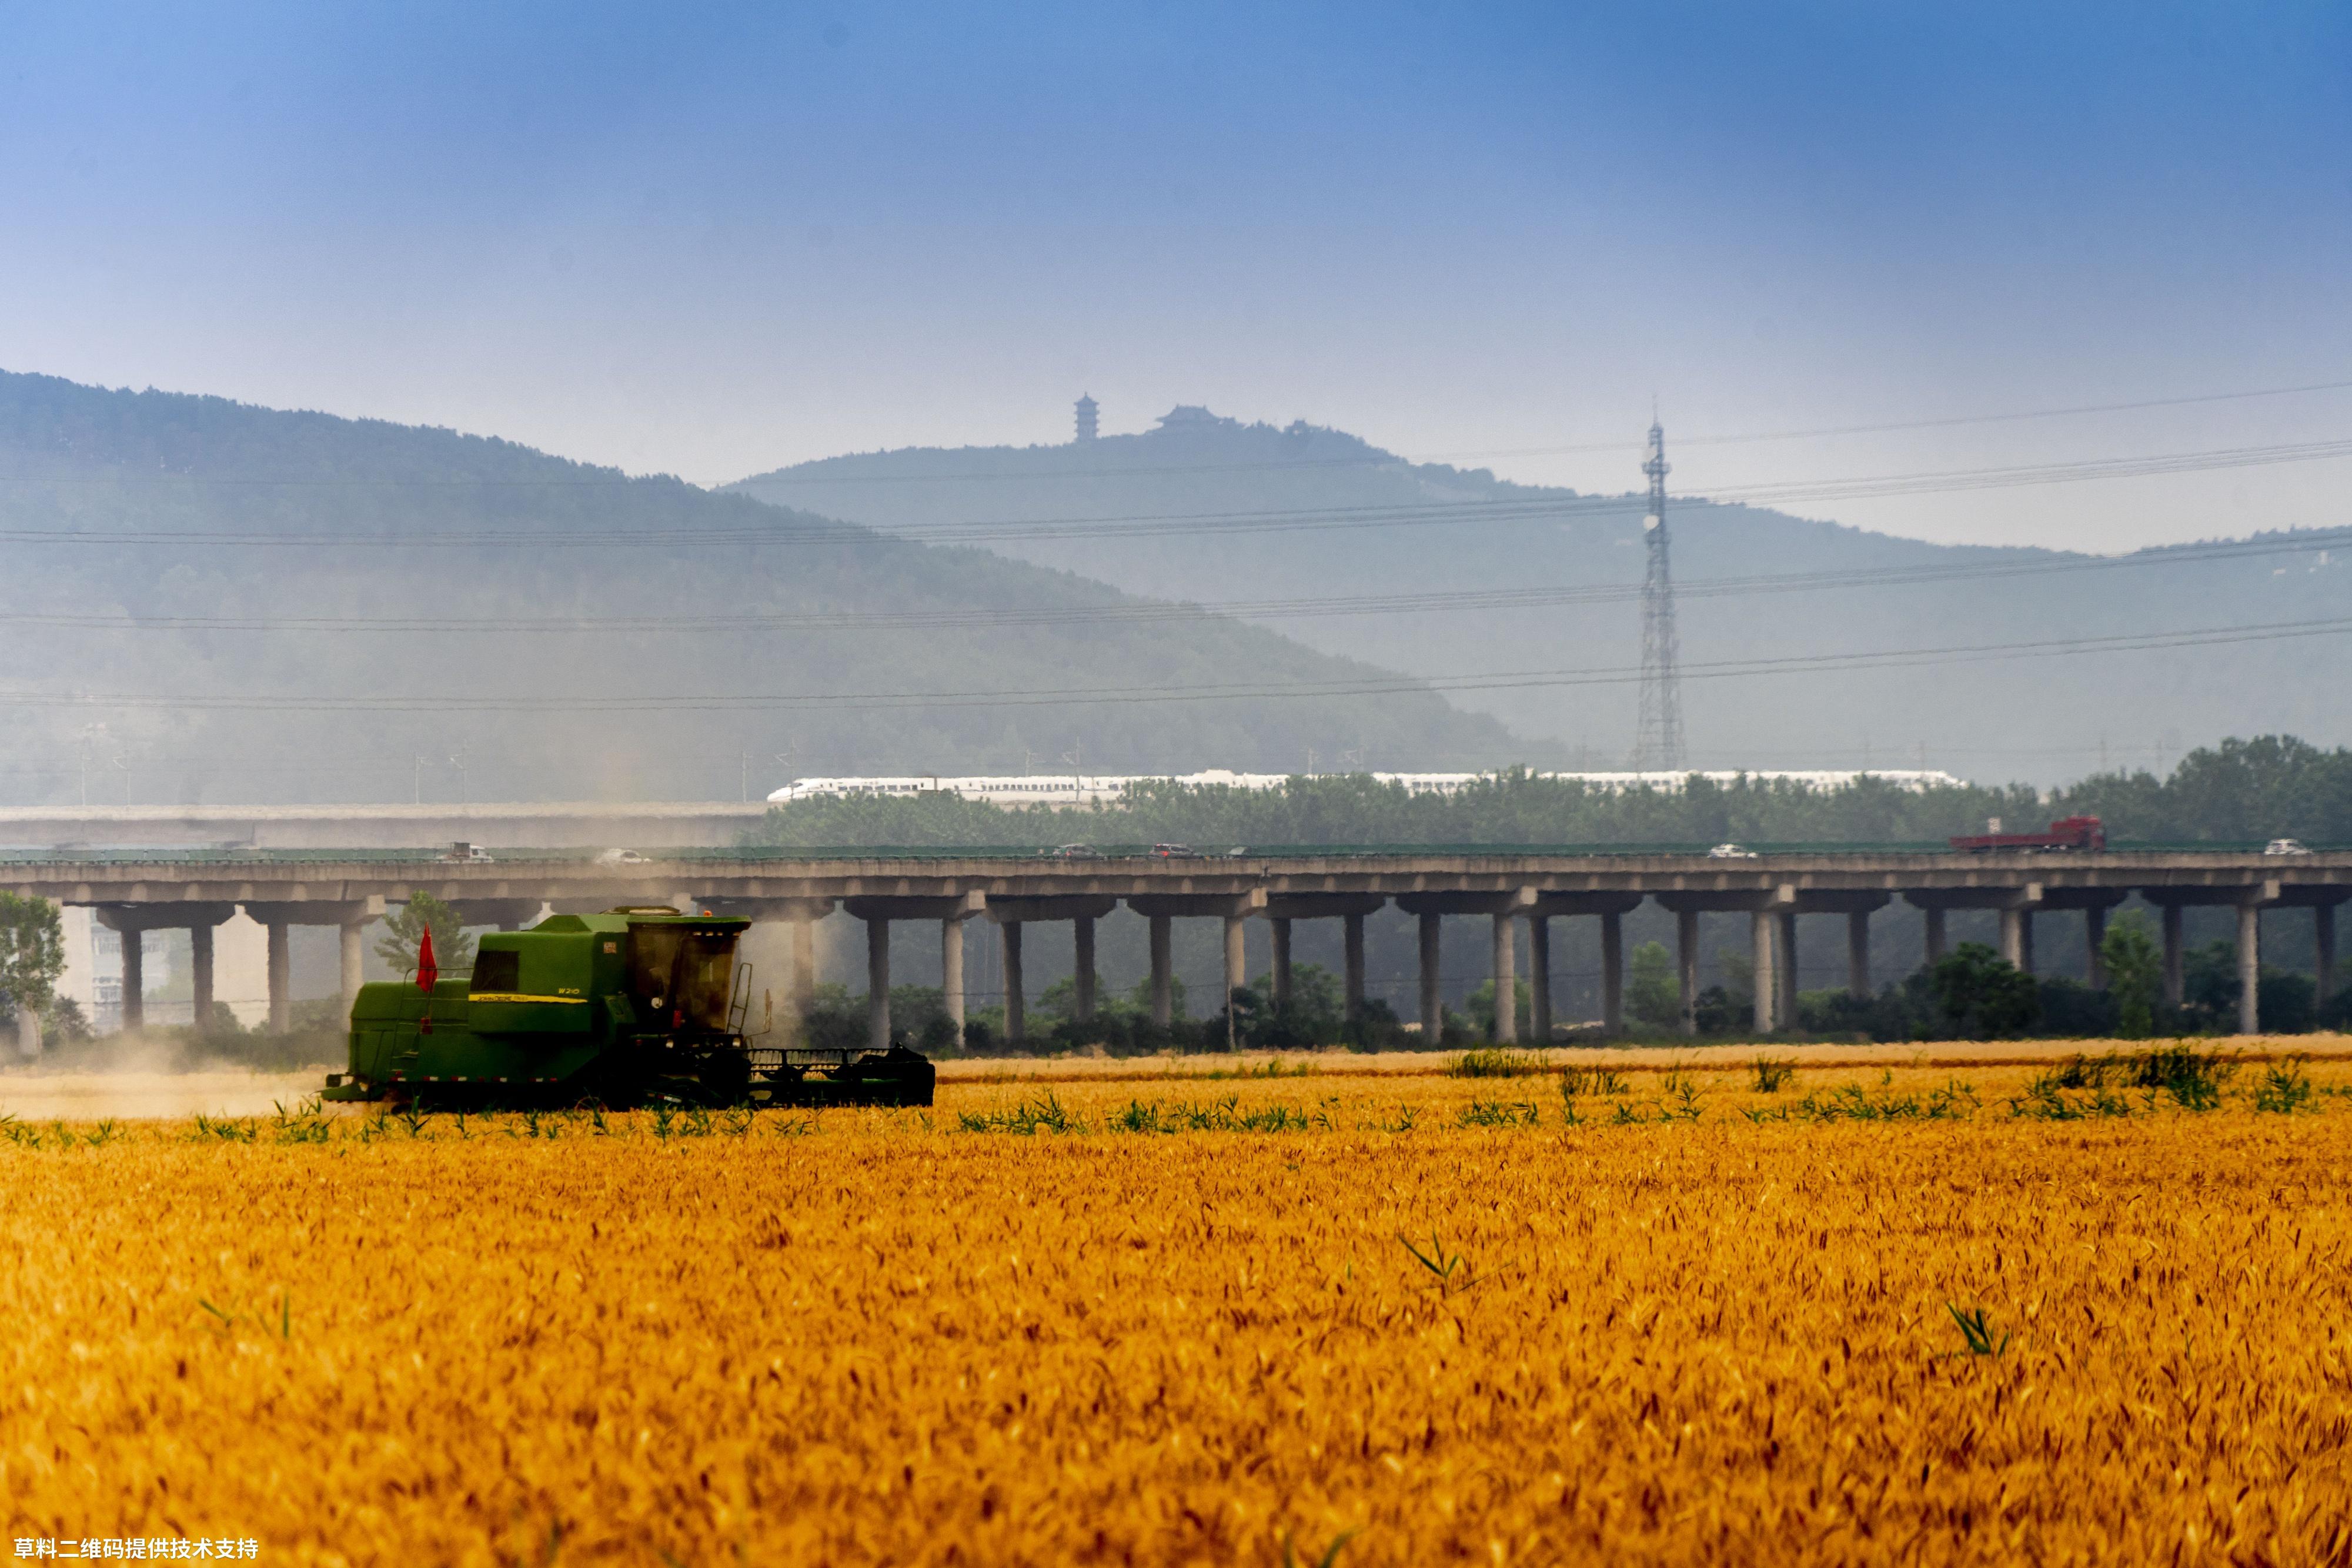 胡平《收获》Sony,2020年6月份安徽省寿县古城八公山下农民正用收割。机收割小麦,旁边动车通过,一片收获景象。.jpg